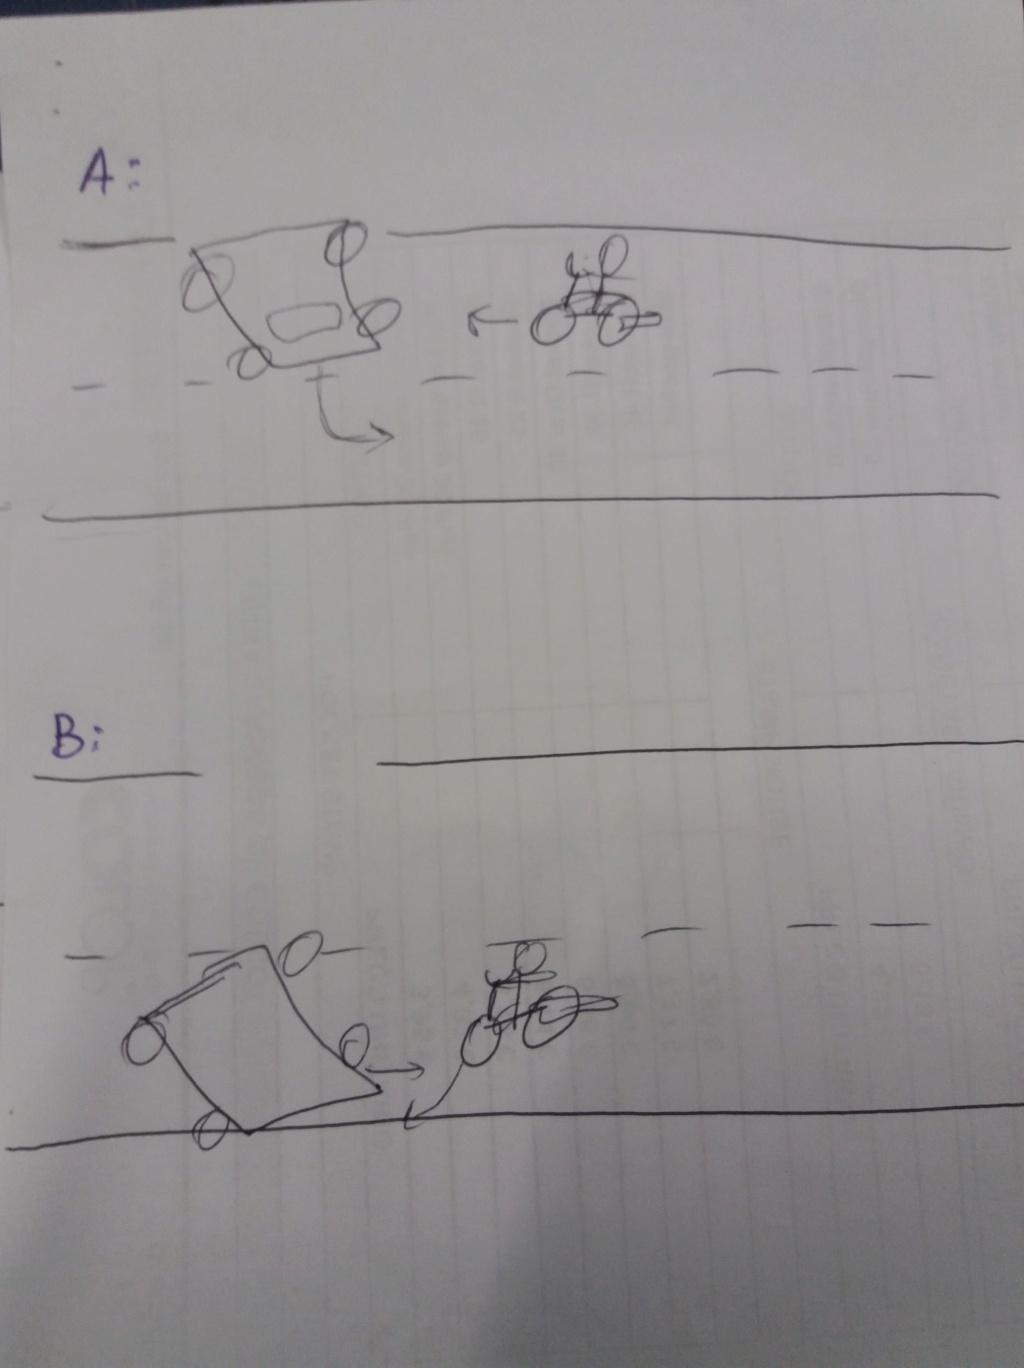 Tópico dos desabafos - Página 2 Ab10